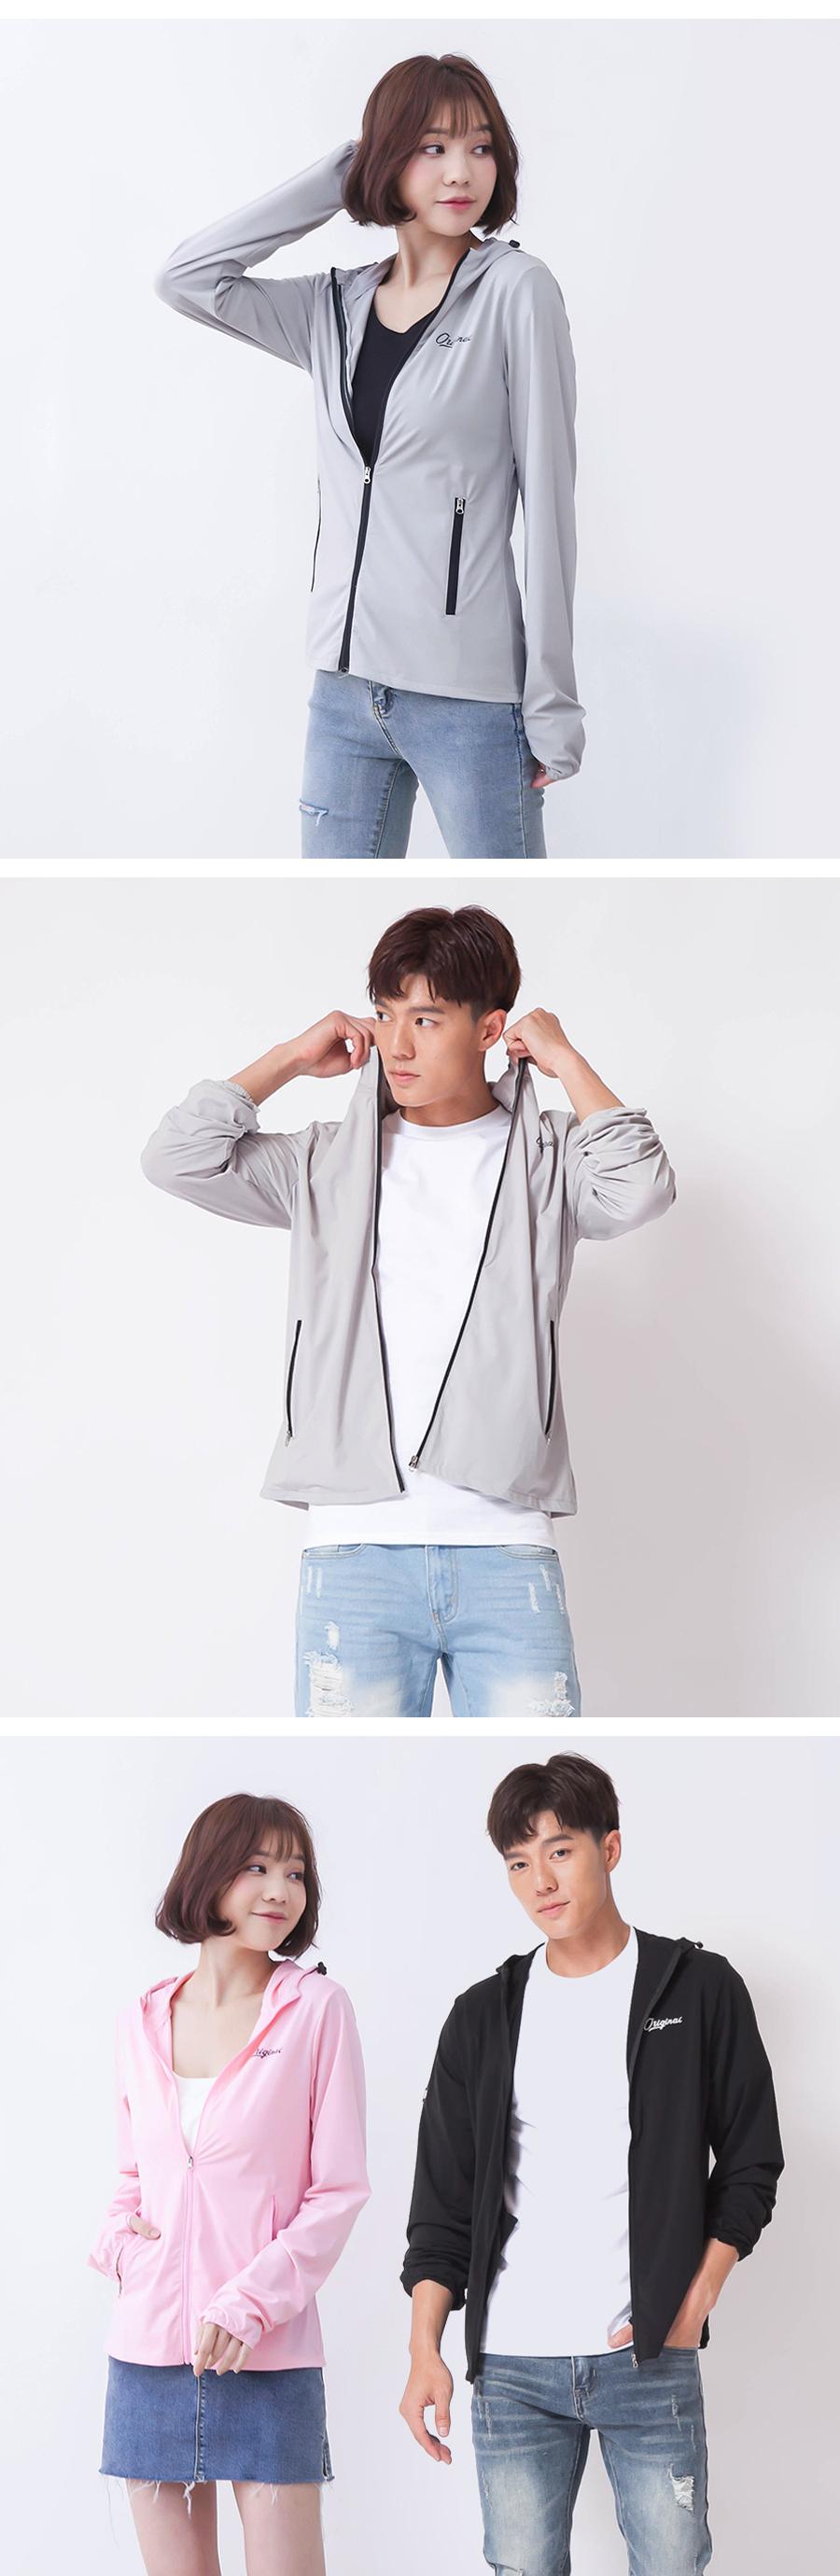 【急凍衣】系列.冰絲涼感防曬高機能外套.SGS認證